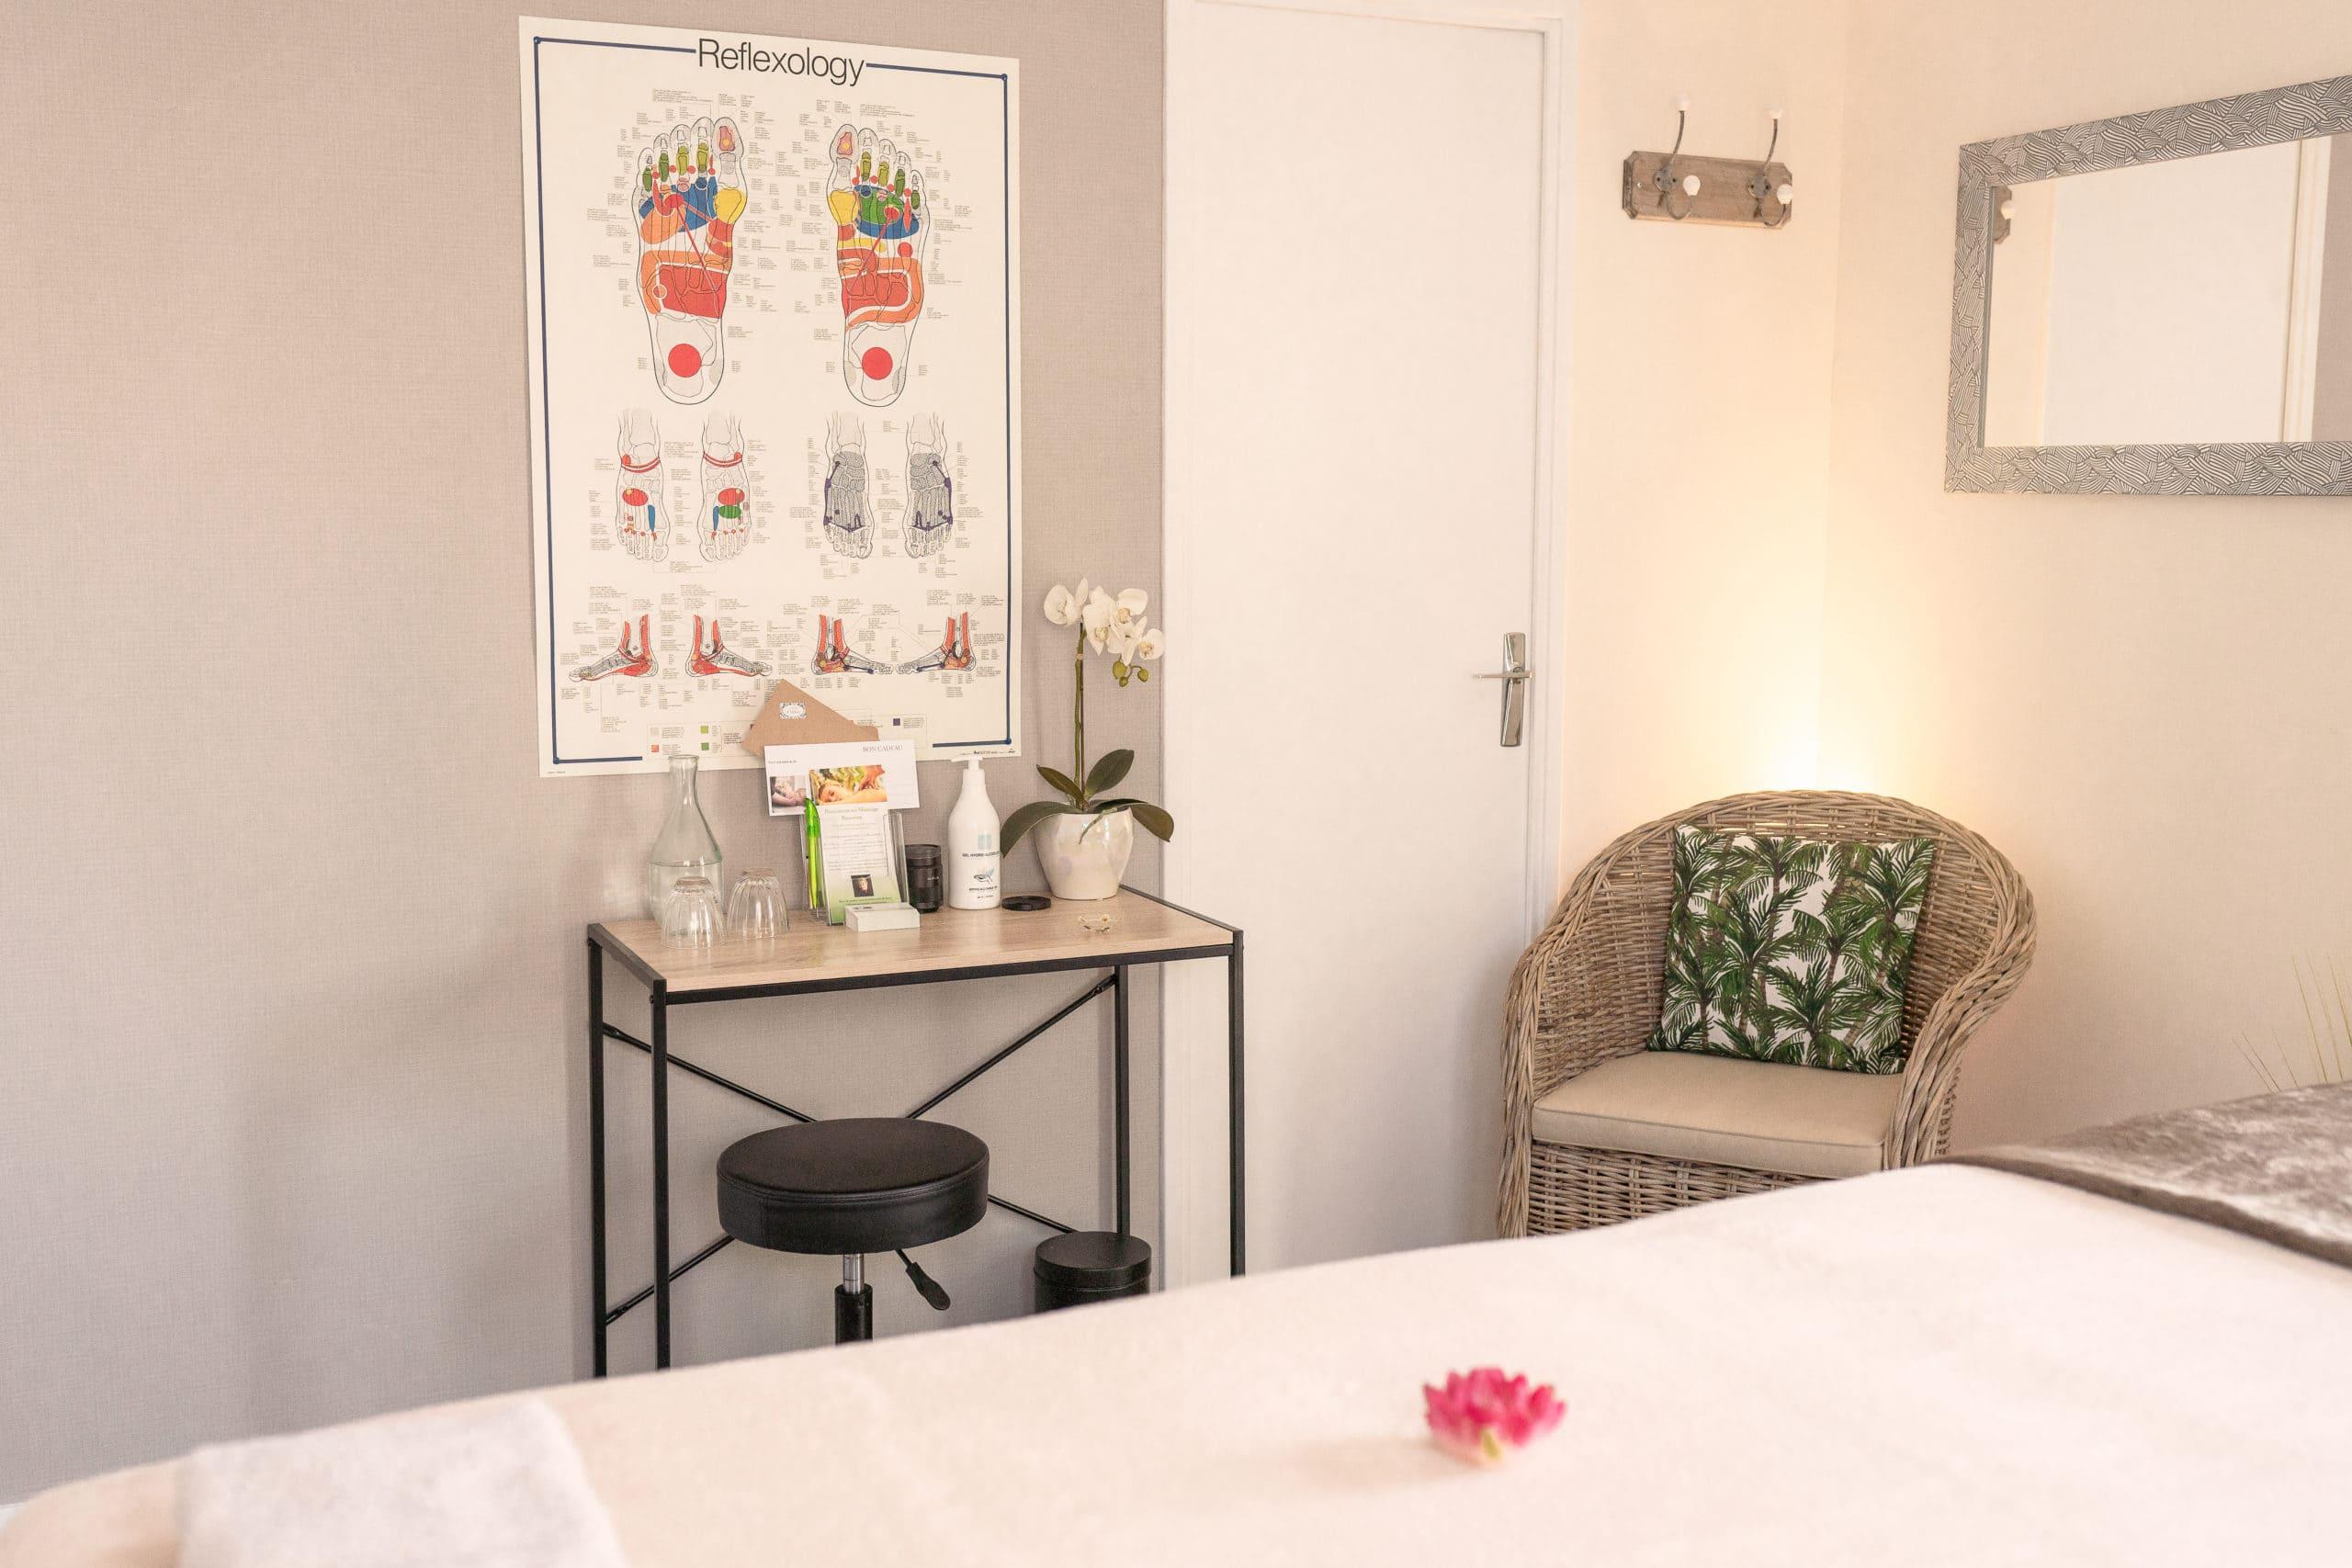 5 salon de massage Myriam Mederlé LD Photographie-1